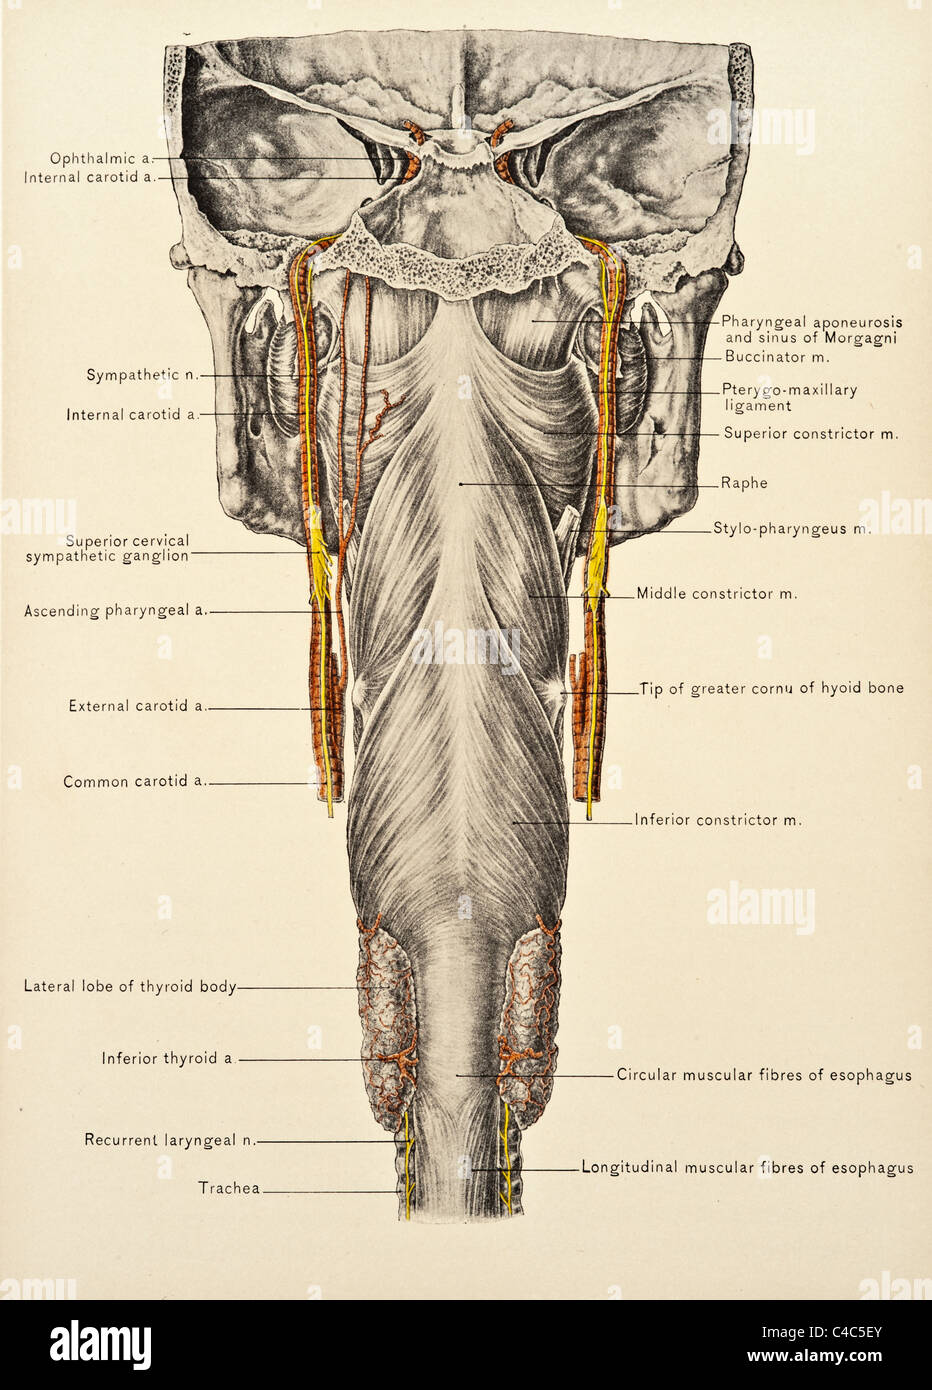 Trachea And Esophagus Stock Photos & Trachea And Esophagus Stock ...